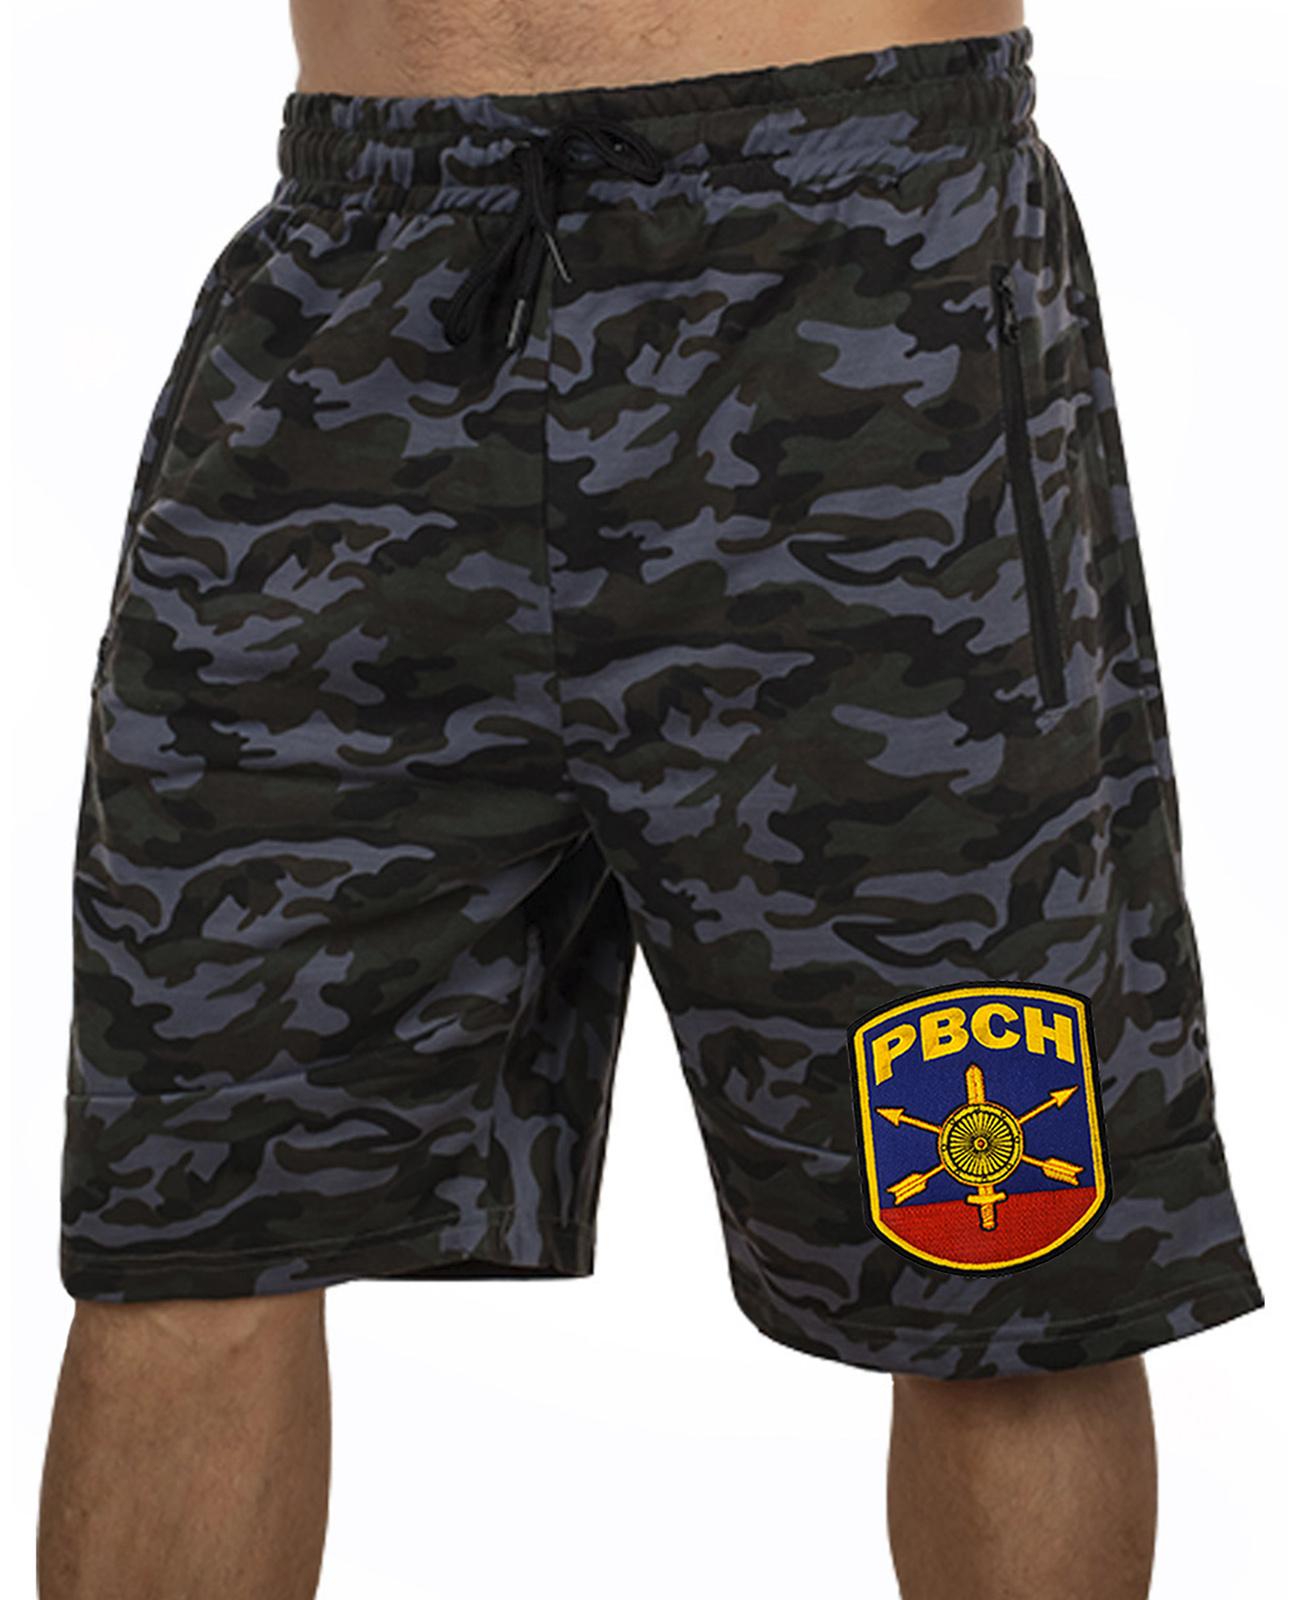 Купить военные удлиненные шорты с нашивкой РВСН  оптом или в розницу